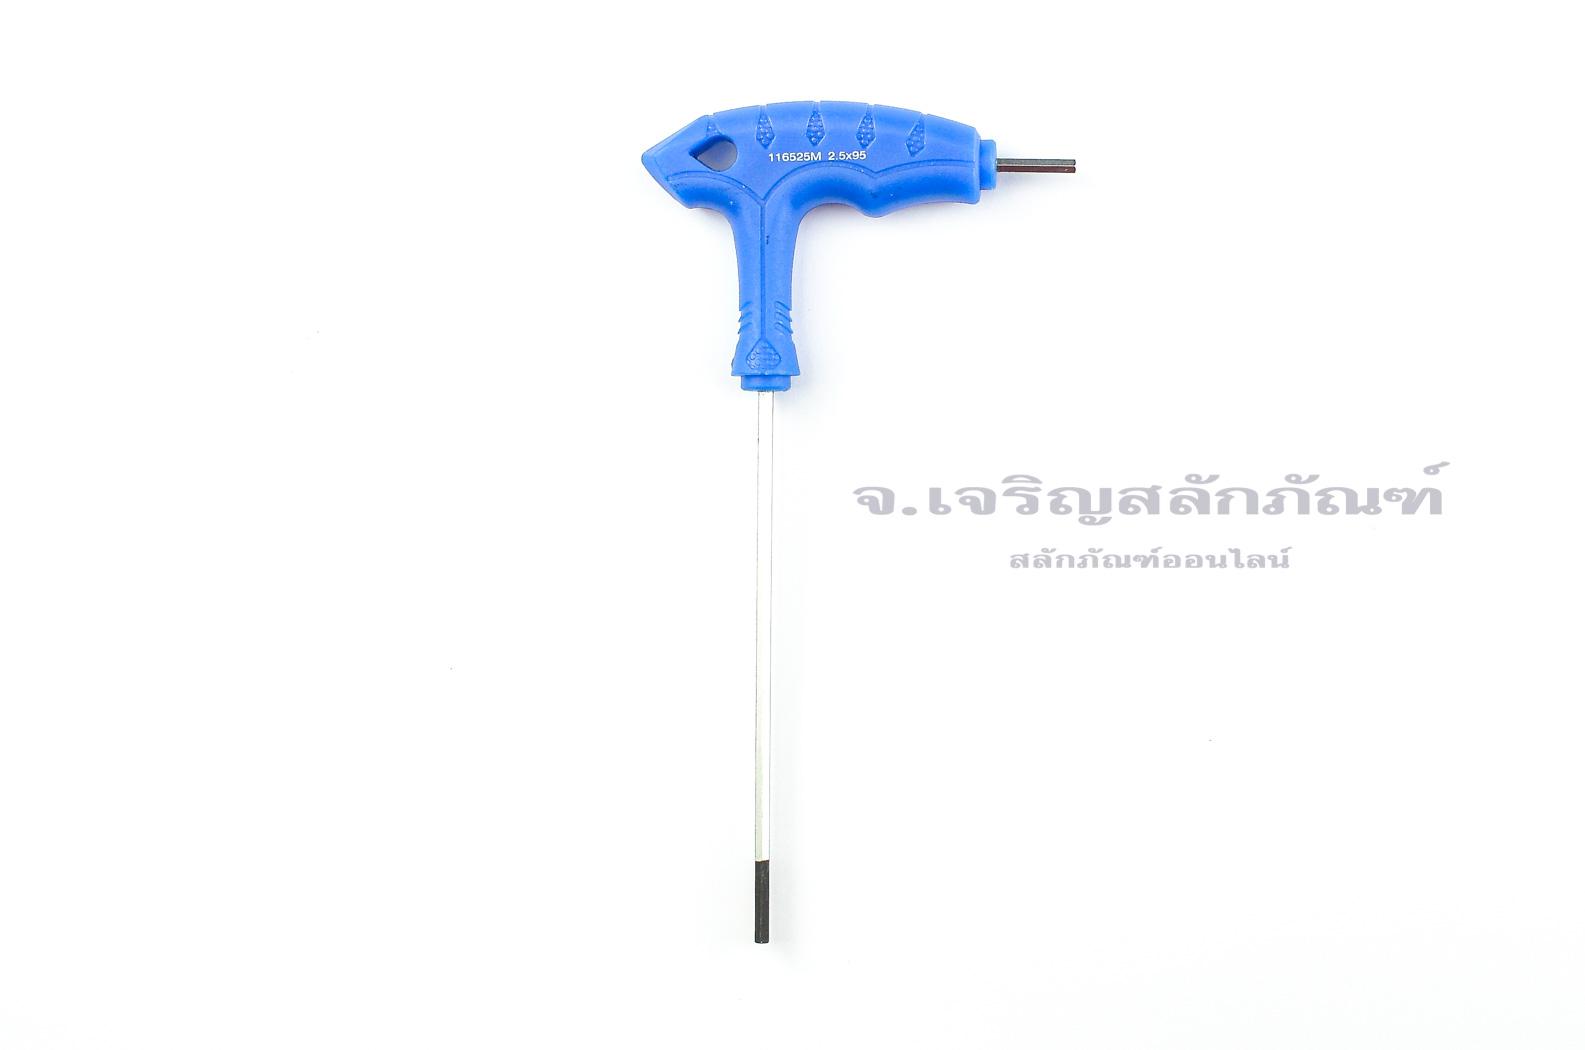 ประแจแอล-ประแจหกเหลี่ยมตัวแอล KING TONY 2.5x95 (116525M)